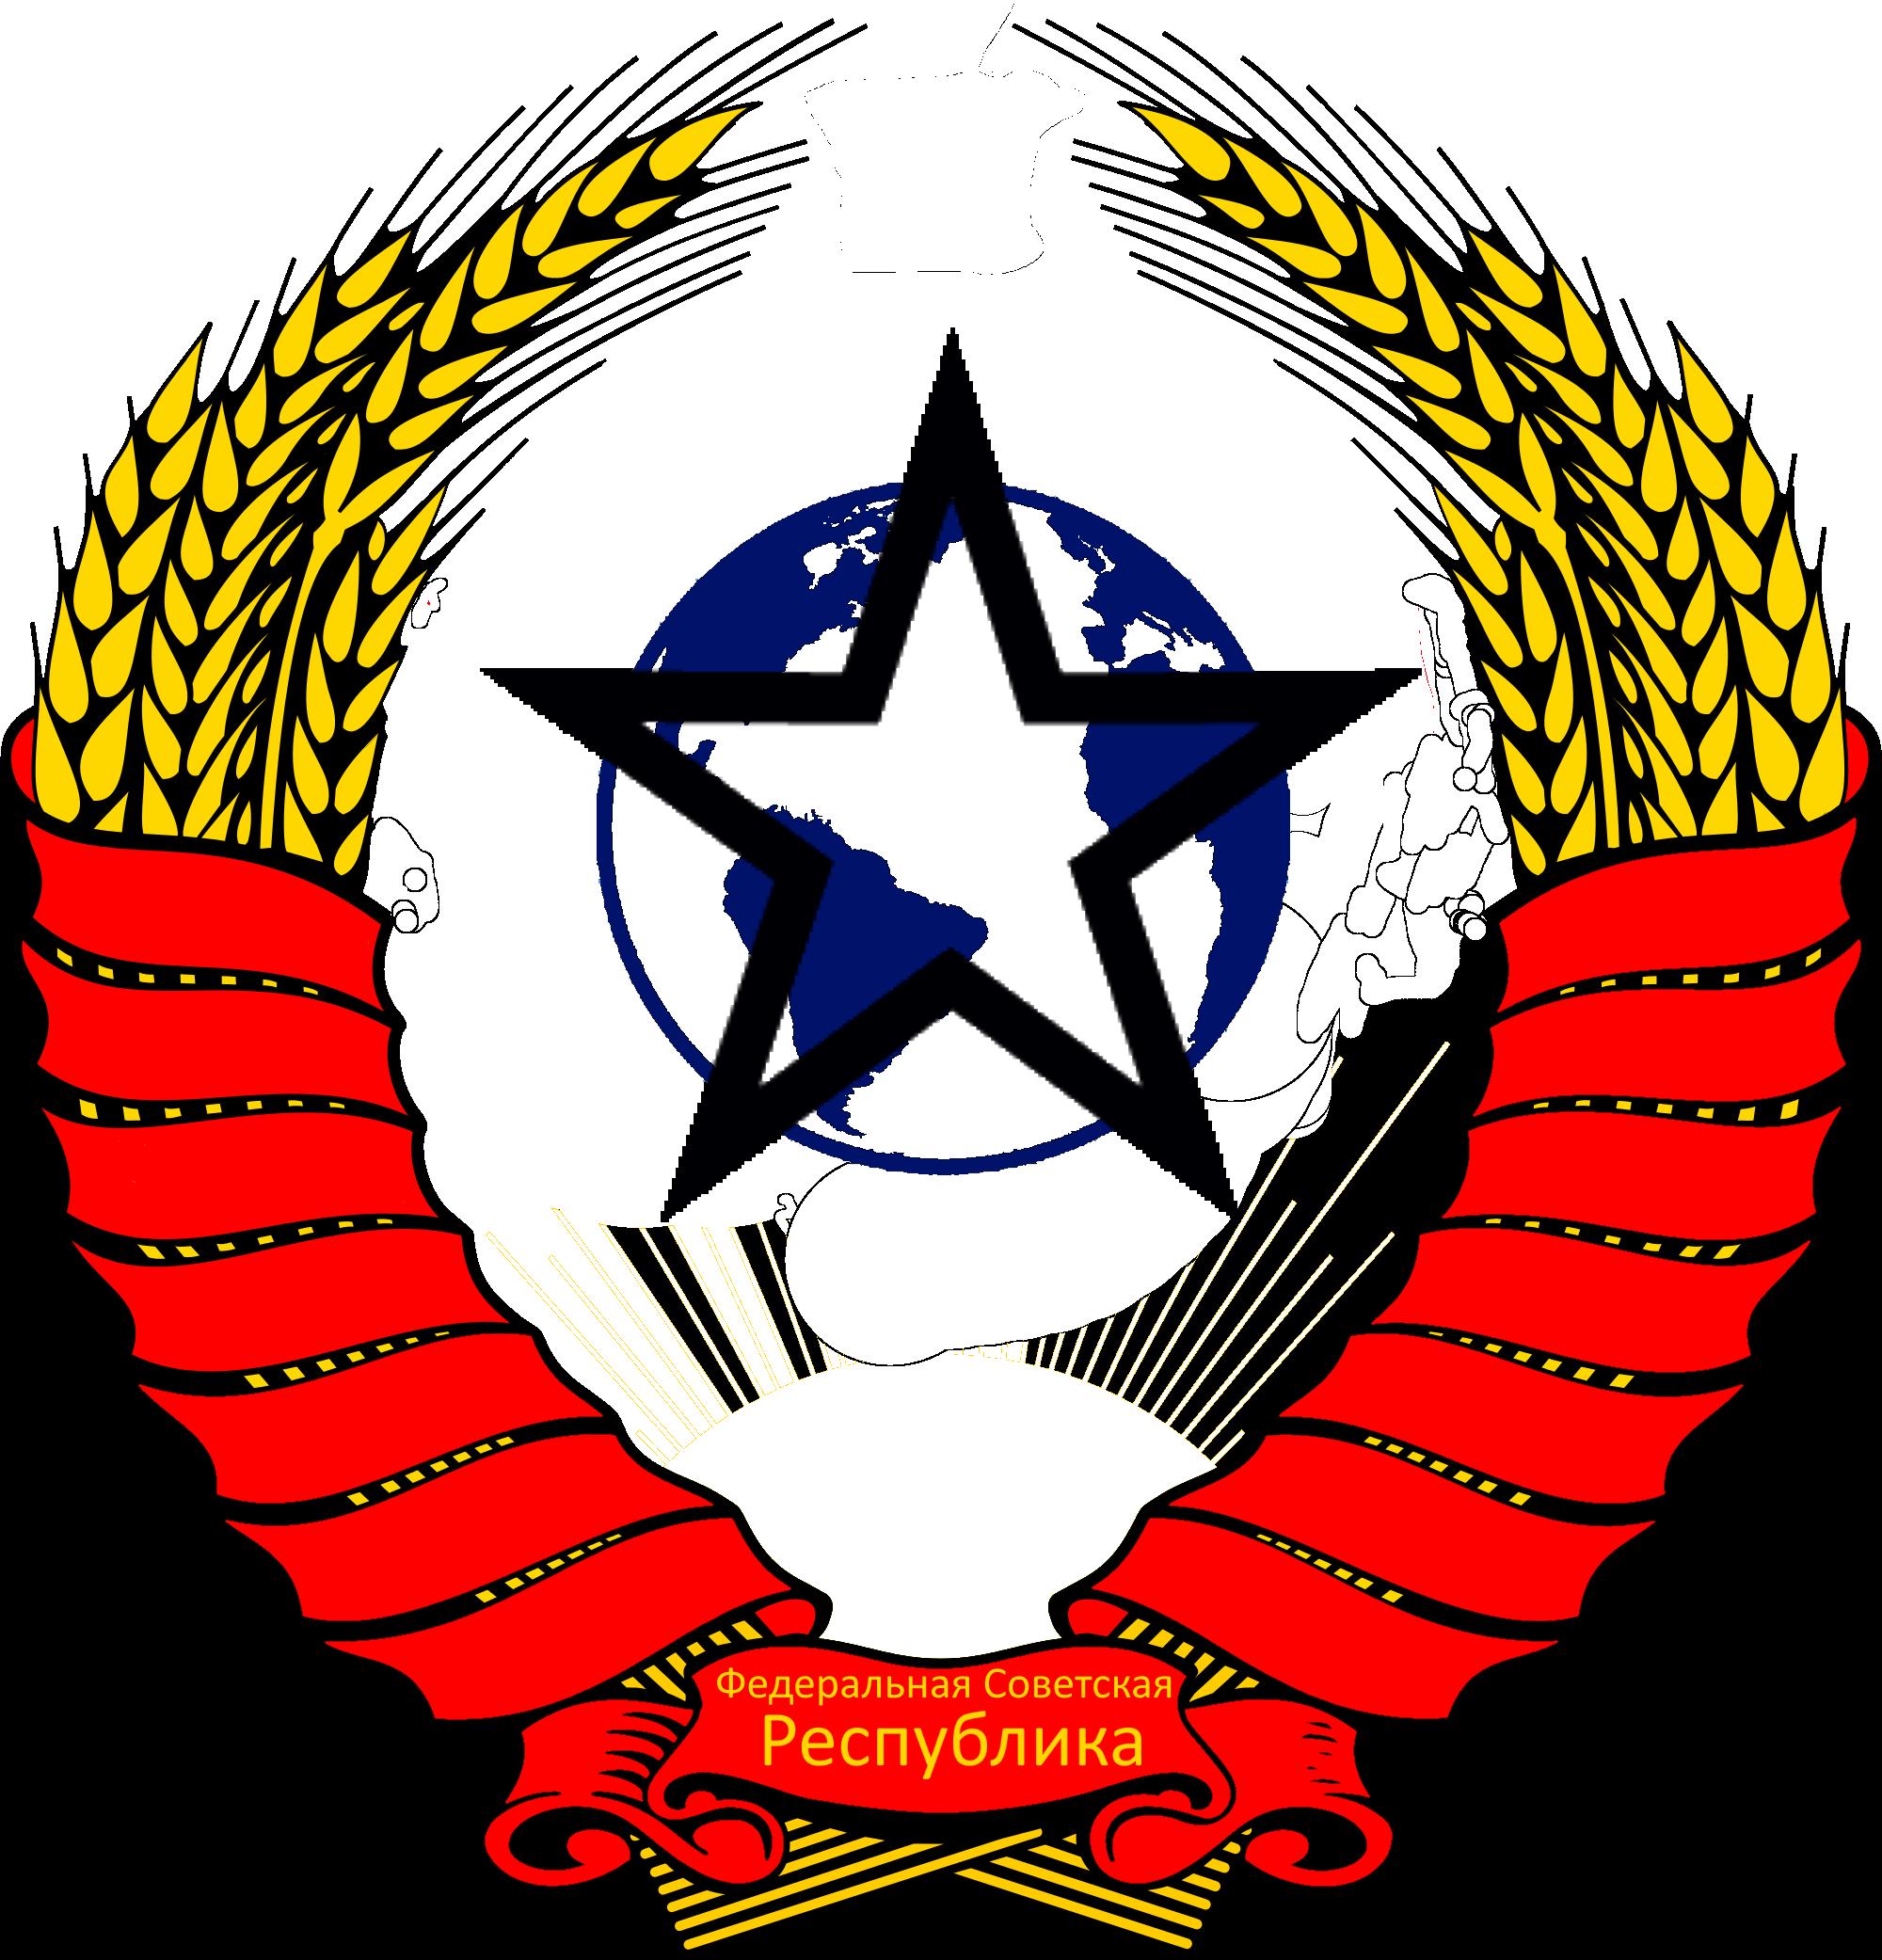 Federal Soviet Republic CoA.png